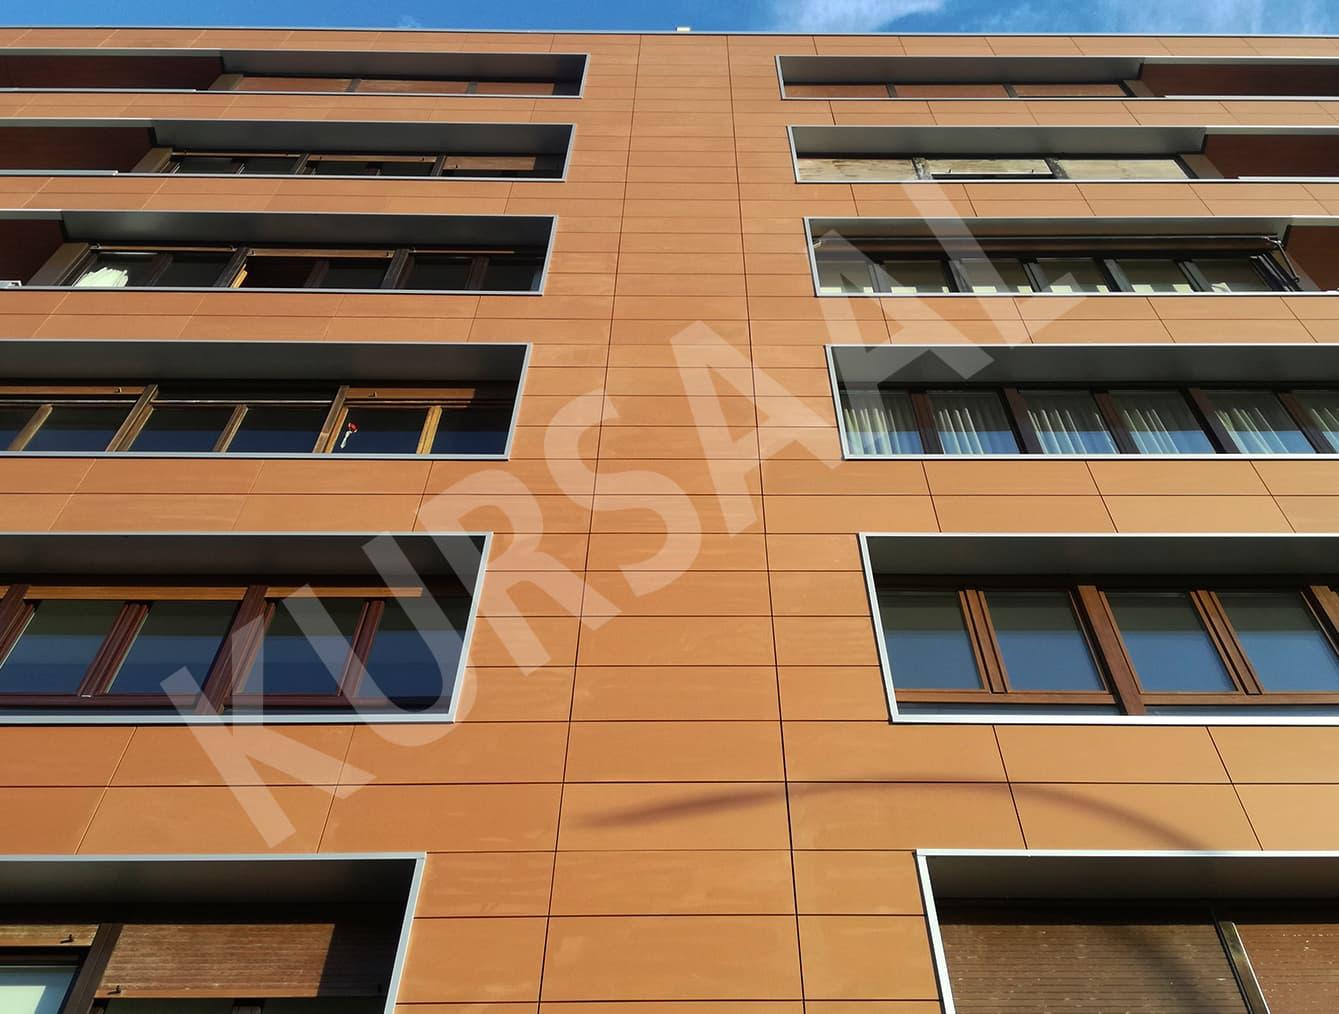 foto 7 - Aislamientos Térmicos y Eficiencia Energética-Ategorrieta 29-DONOSTIA, GIPUZKOA